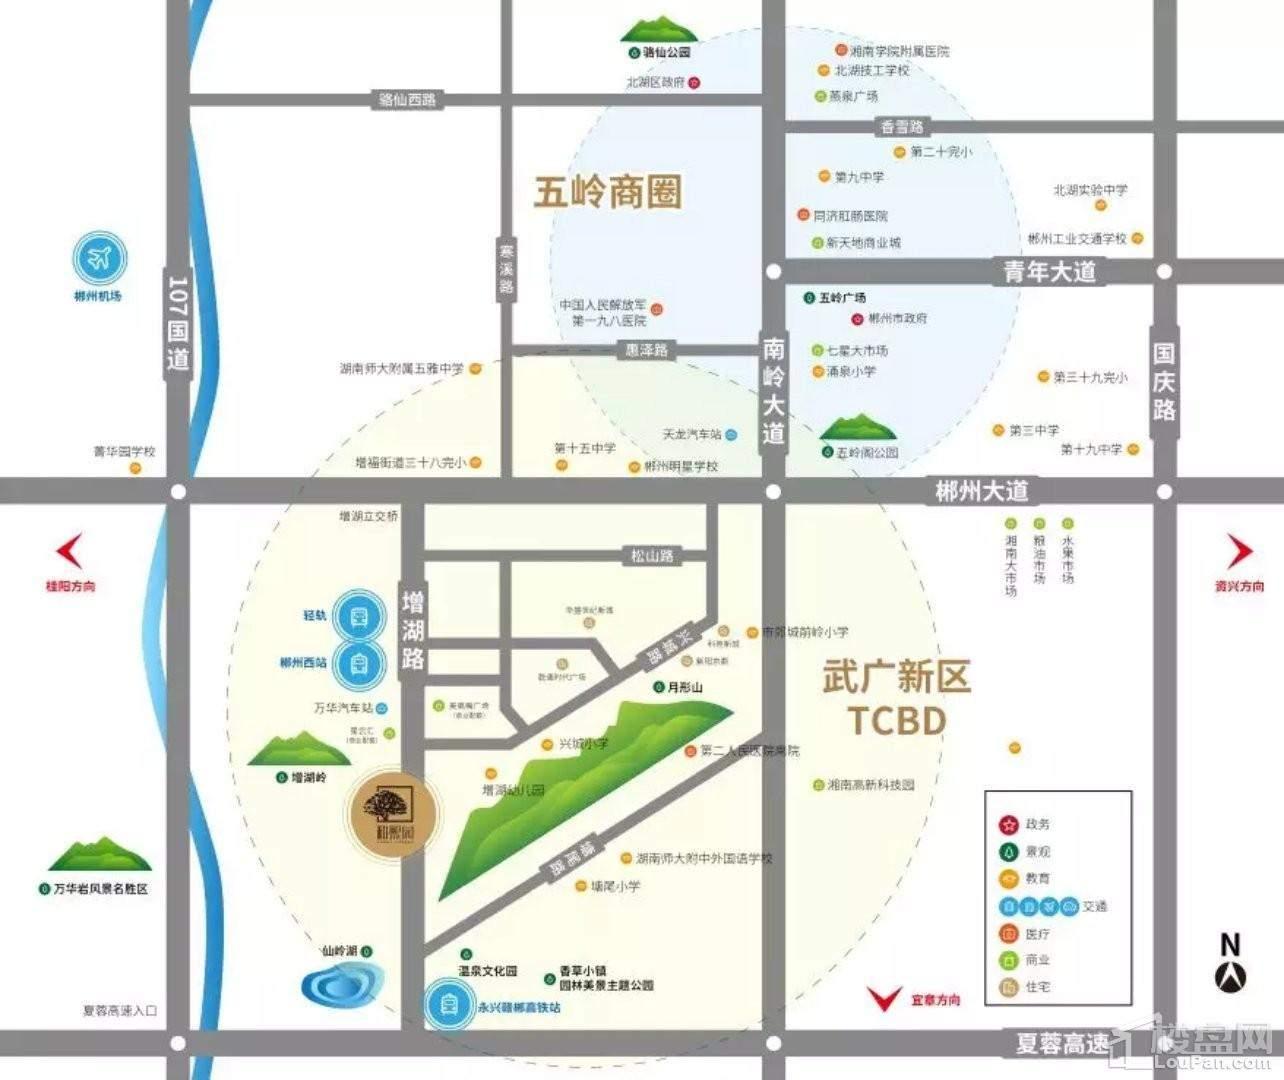 冠华·和熙园区位交通图